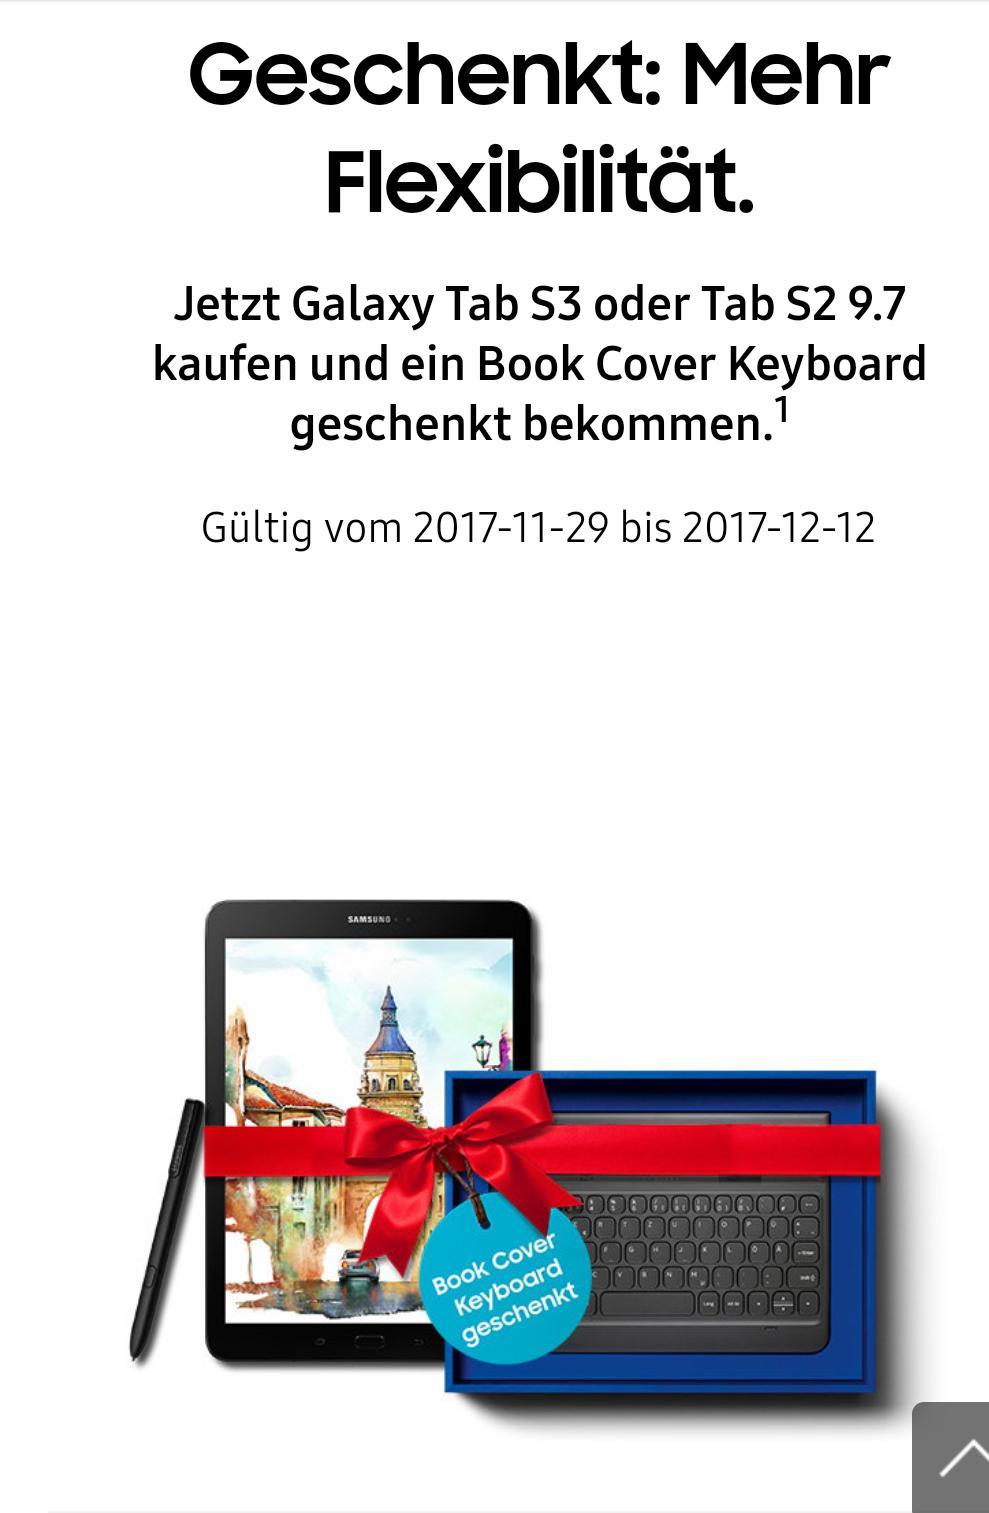 Samsung Galaxy Tab S2 oder S3 + 100€ MM-Gutschein Gutschein + Book Cover Keyboard gratis